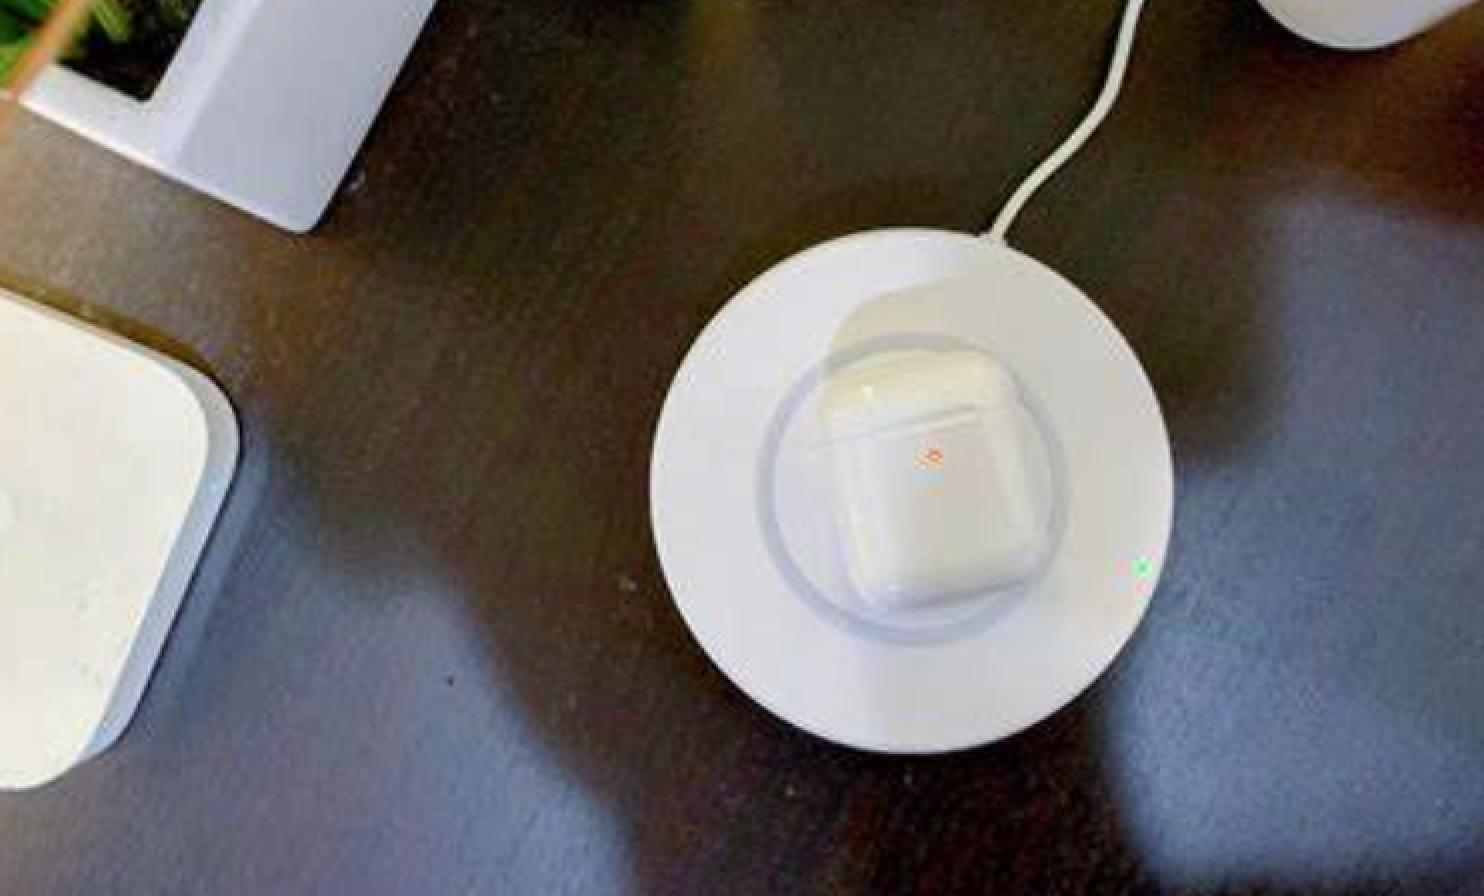 苹果AirPods慌不慌?各路巨头为何同时发力智能耳机